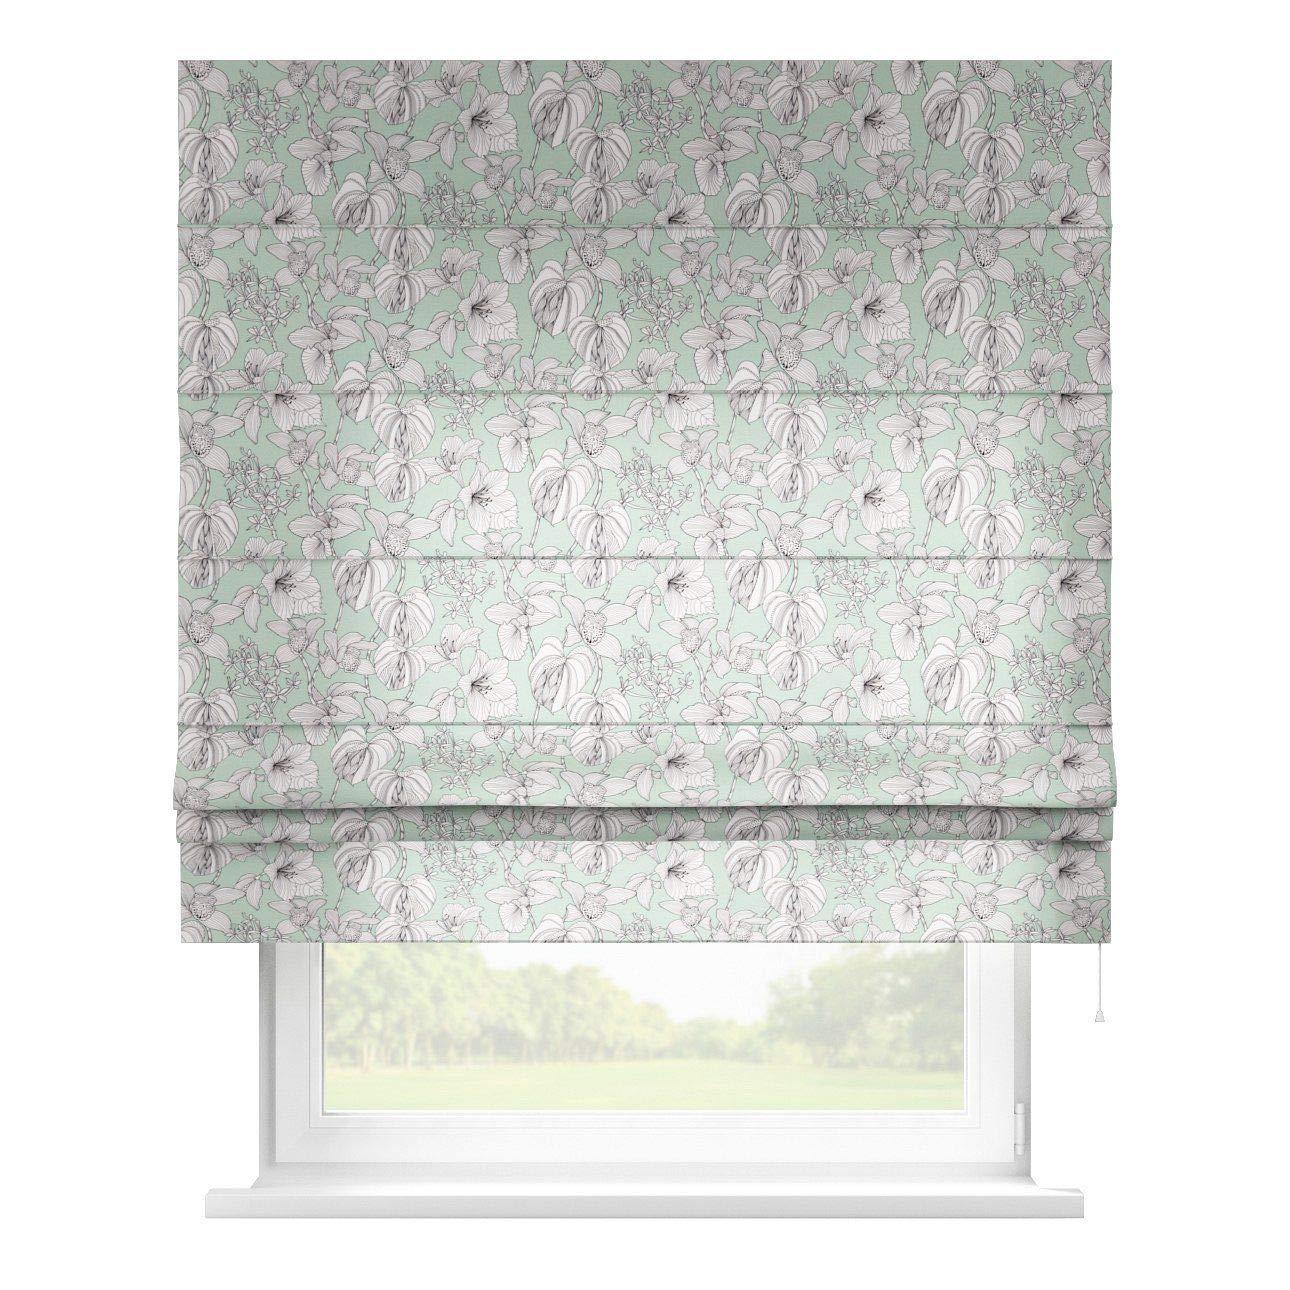 Dekoria Raffrollo Padva ohne Bohren Blickdicht Faltvorhang Raffgardine Wohnzimmer Schlafzimmer Kinderzimmer 100 × 170 cm weiß-grün Raffrollos auf Maß maßanfertigung möglich